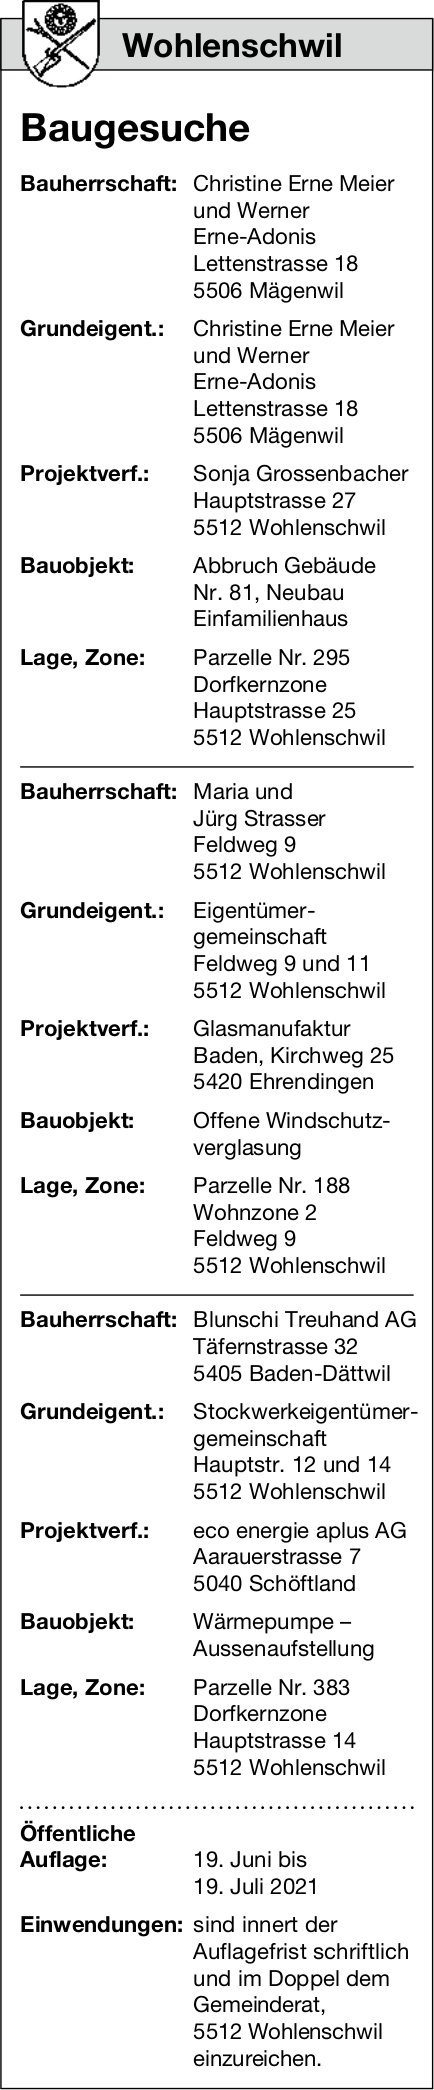 Baugesuche, Wohlenschwil - Bauherrschaft: Blunschi Treuhand AG, Baugesuche